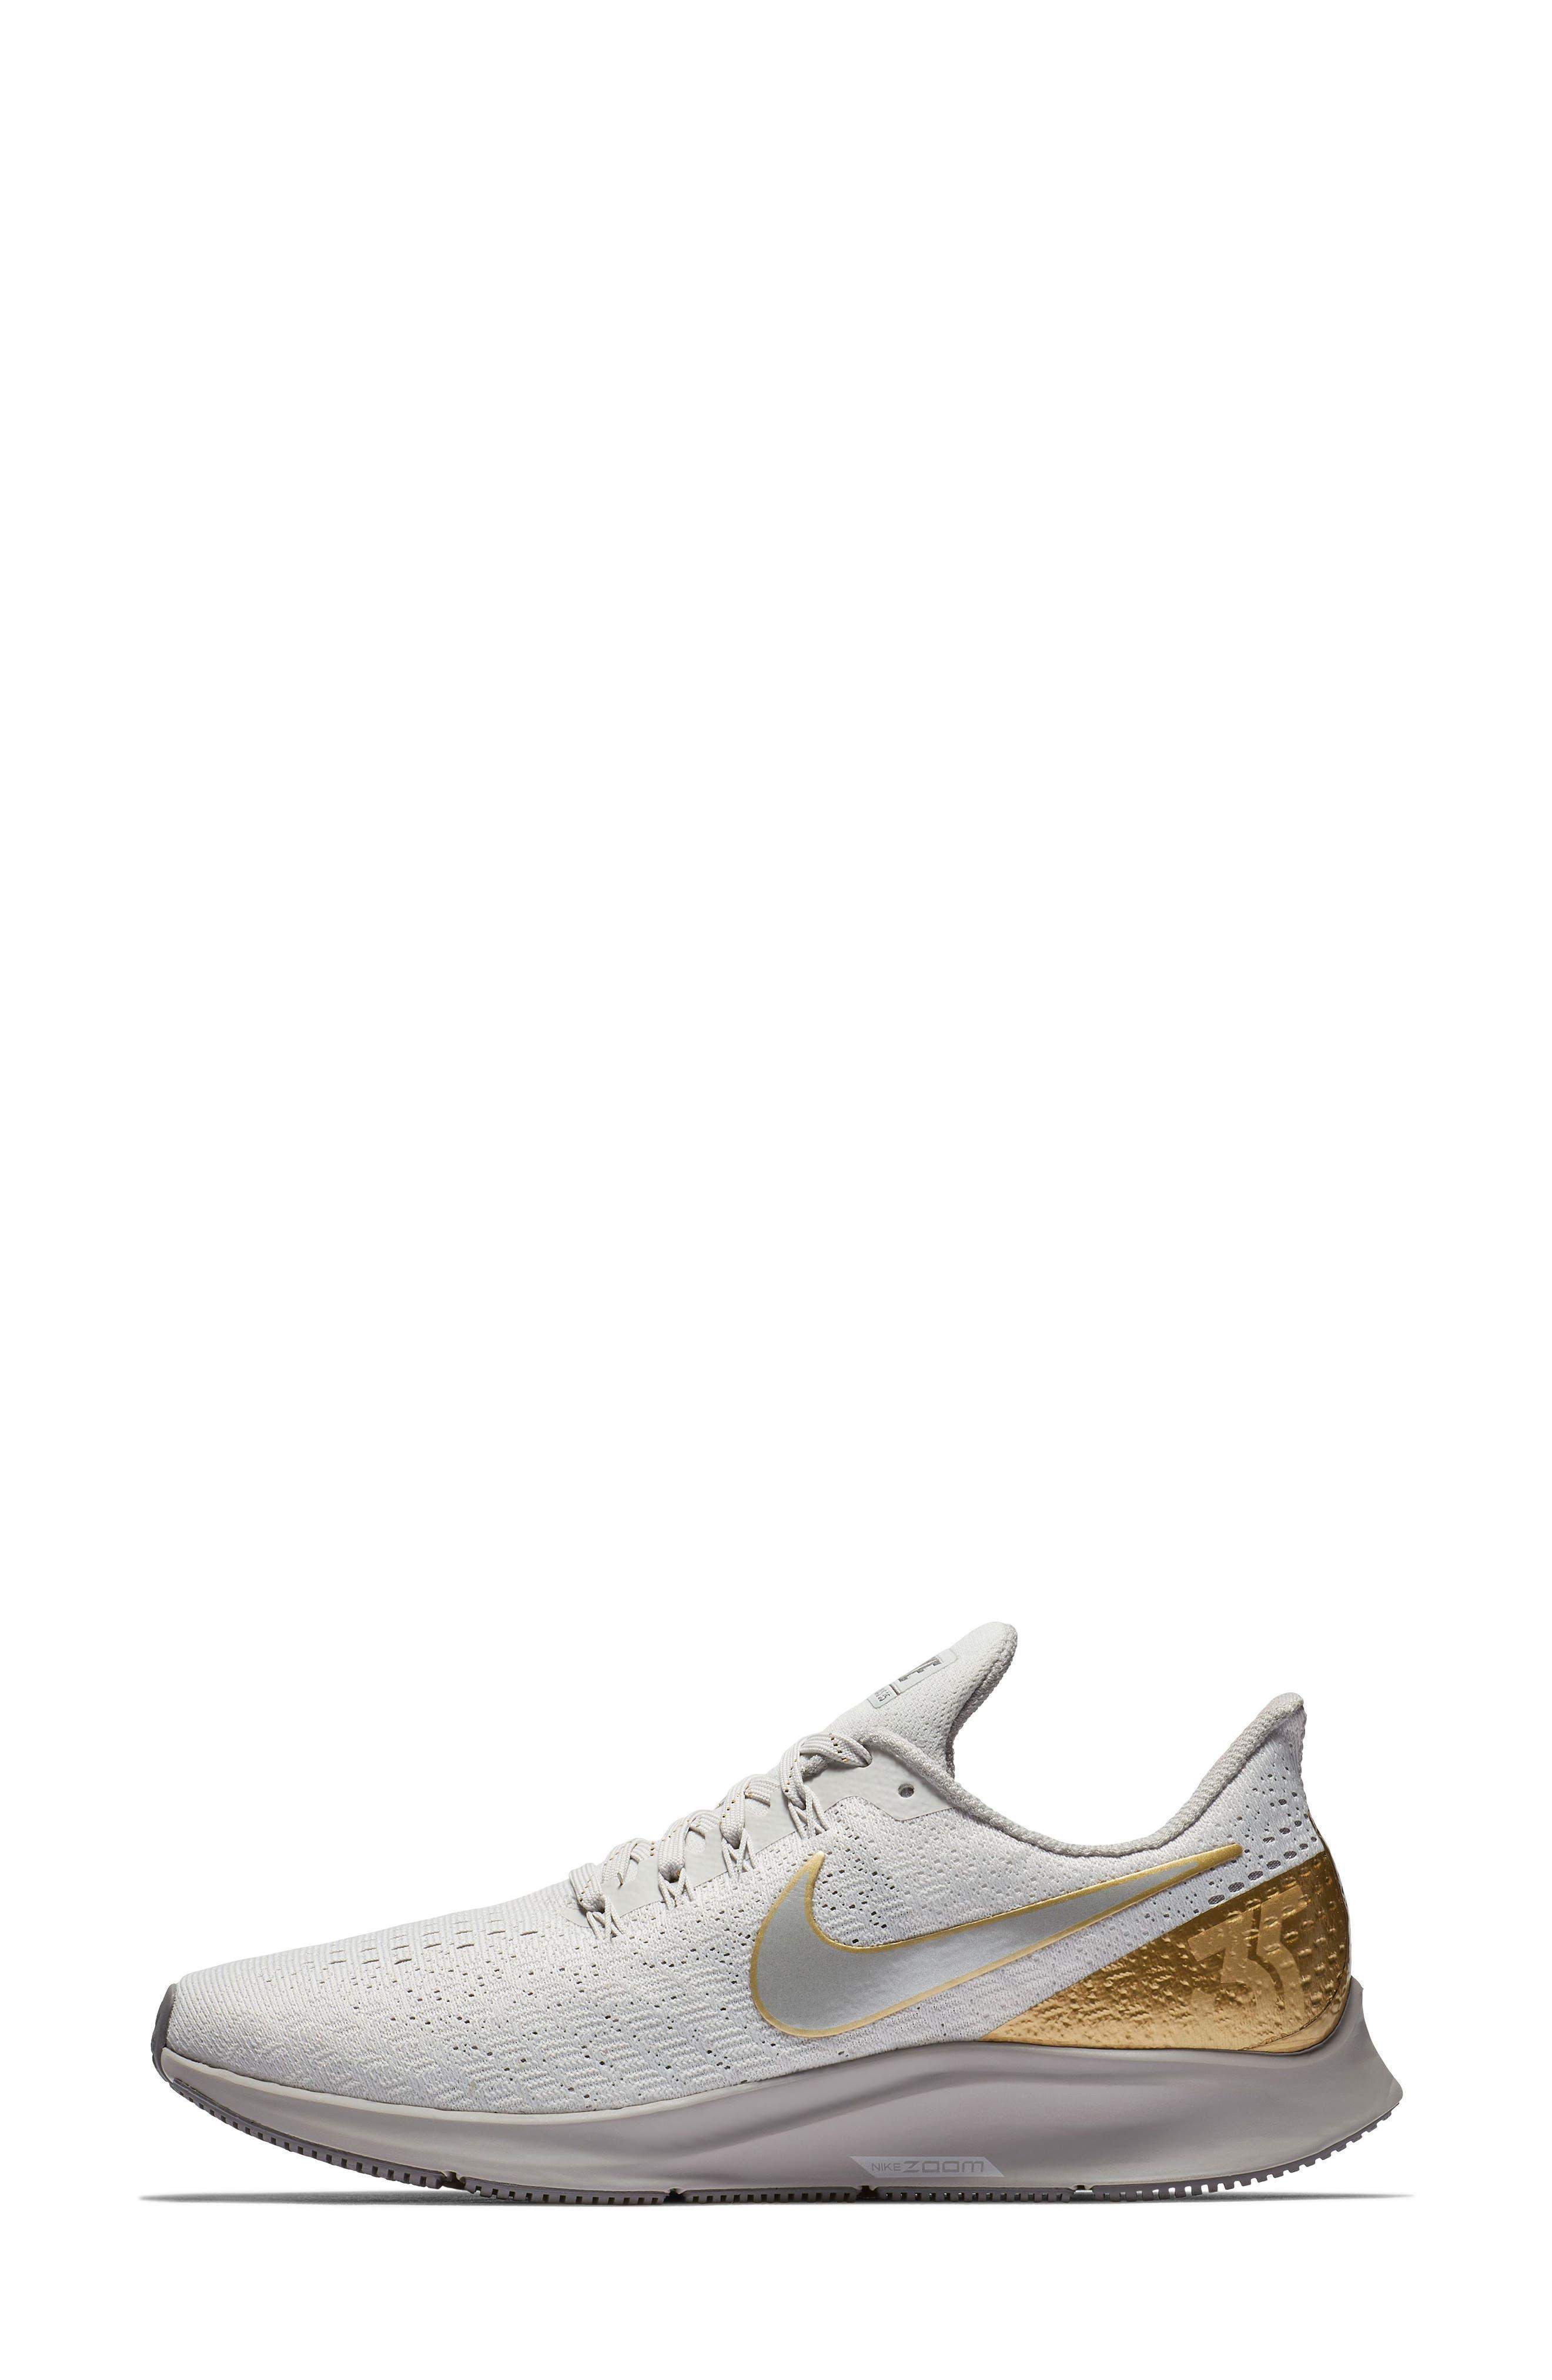 Air Zoom Pegasus 35 Premium Running Shoe,                             Alternate thumbnail 6, color,                             022